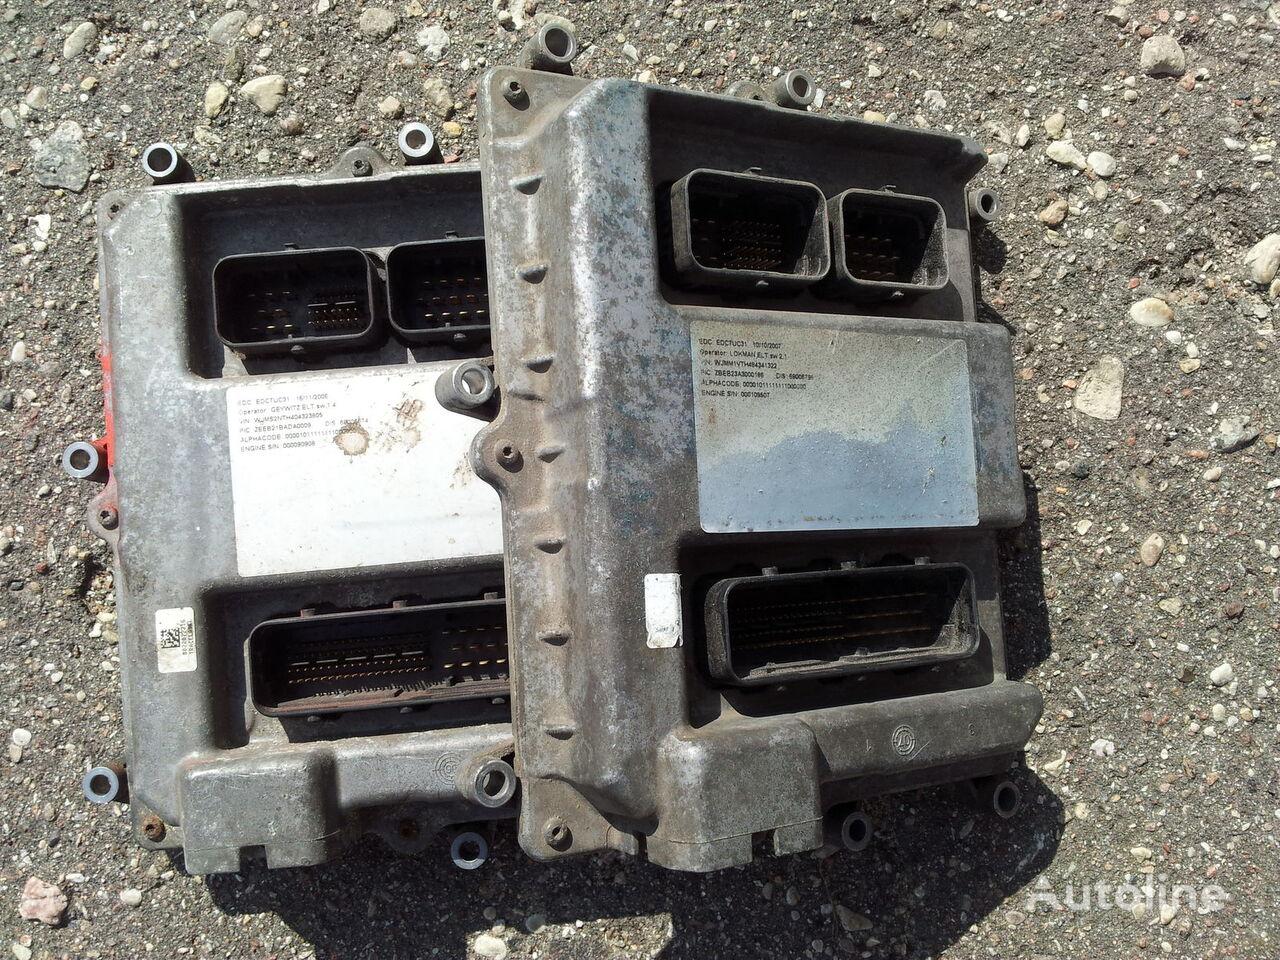 IVECO EURO5 420PS ECU 0281020048 engine computer EDC set (EDC, VCM, ch control unit for IVECO STRALIS tractor unit